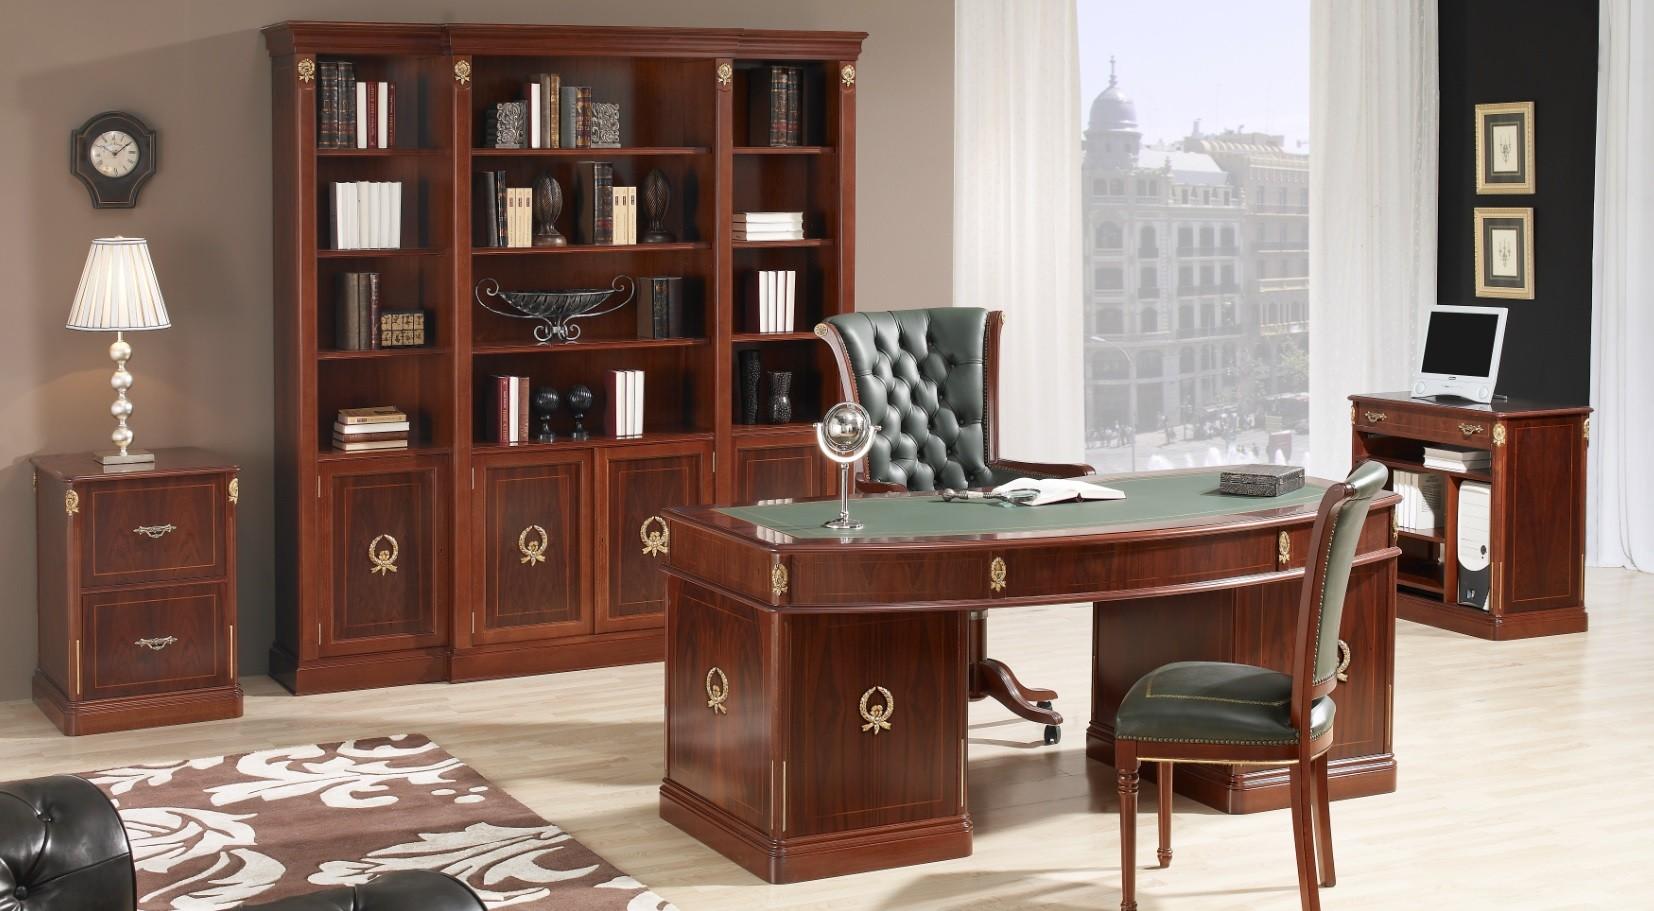 Mesas de despacho cl sicas espacios de trabajo acogedores for Muebles para despacho de abogados